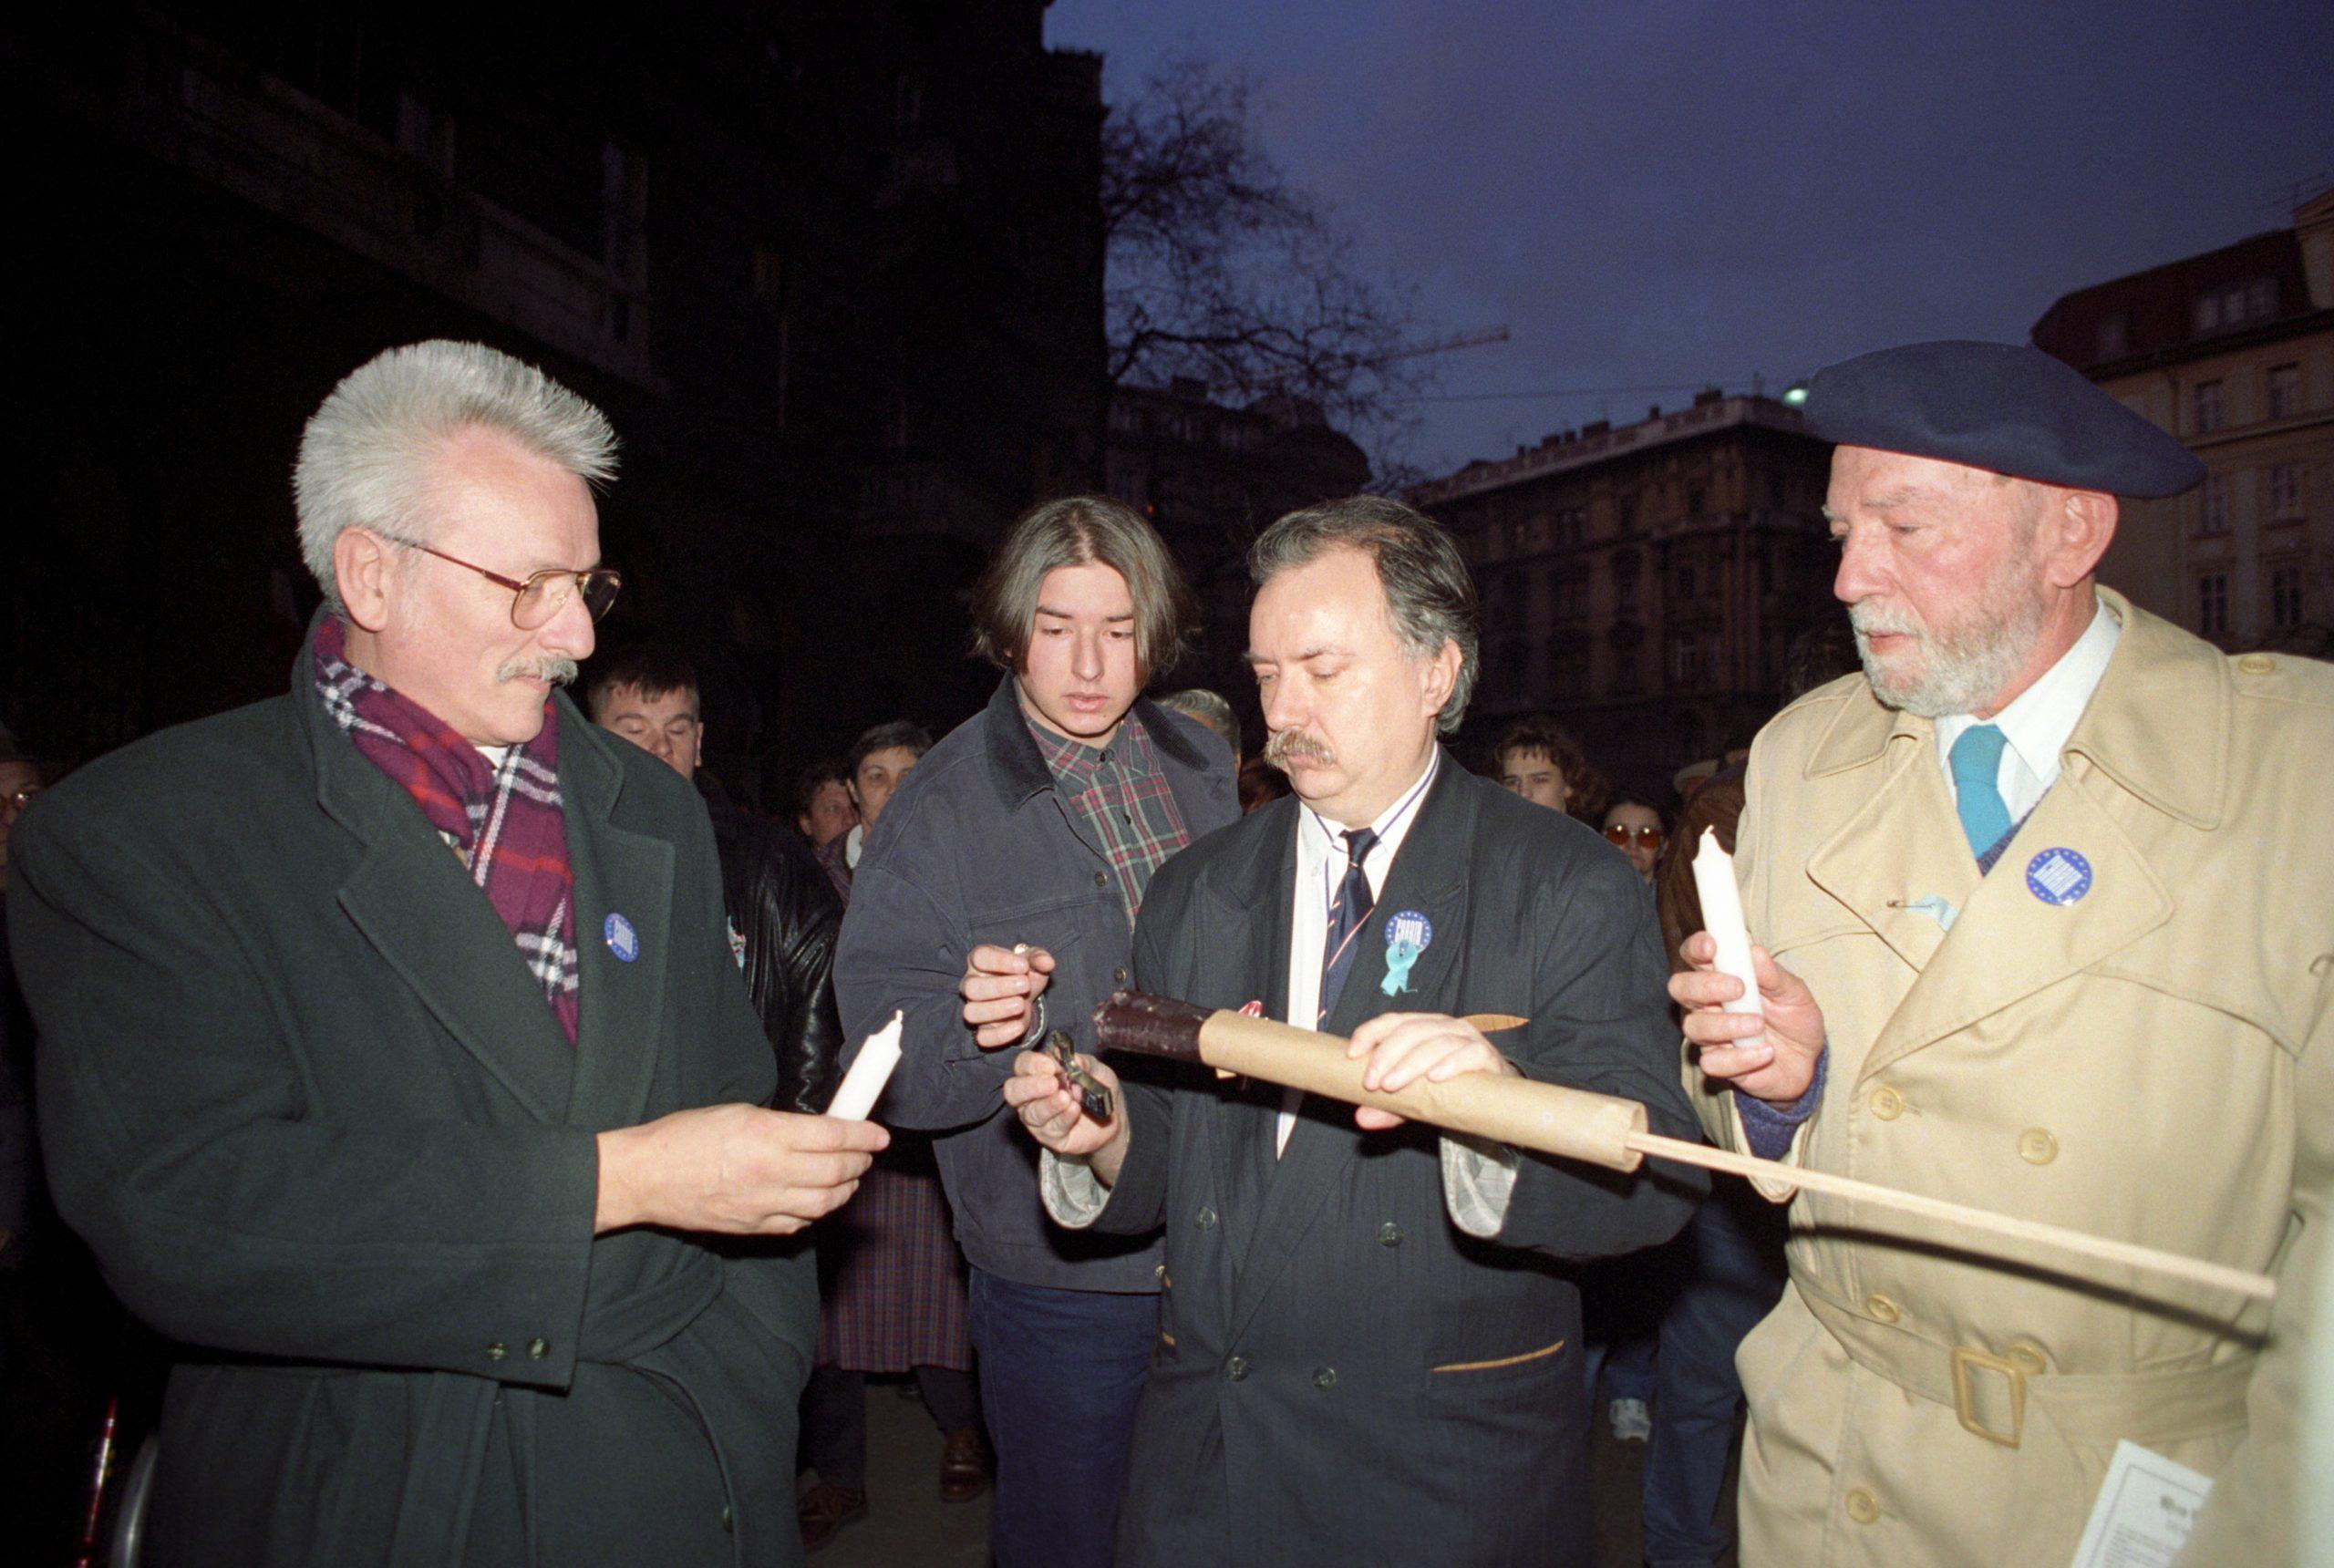 Veér András az OPNI fõigazgatója és Farkasházy Tivadar újságíró a résztvevõk között, a Petõfi szobornál a Demokratikus Charta tüntetésén / Fotó: MTI